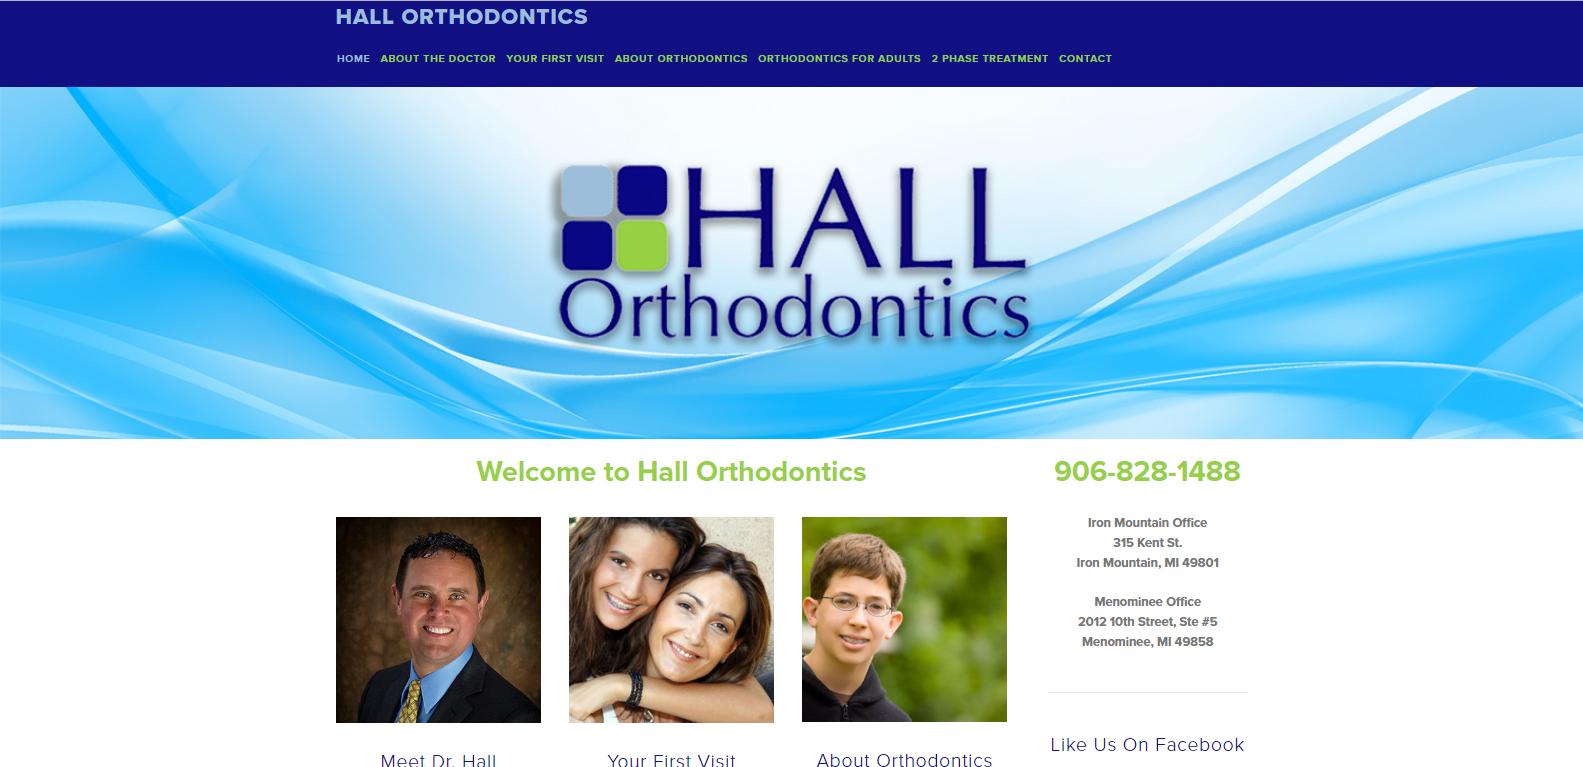 hall-orthodontics-website.jpg